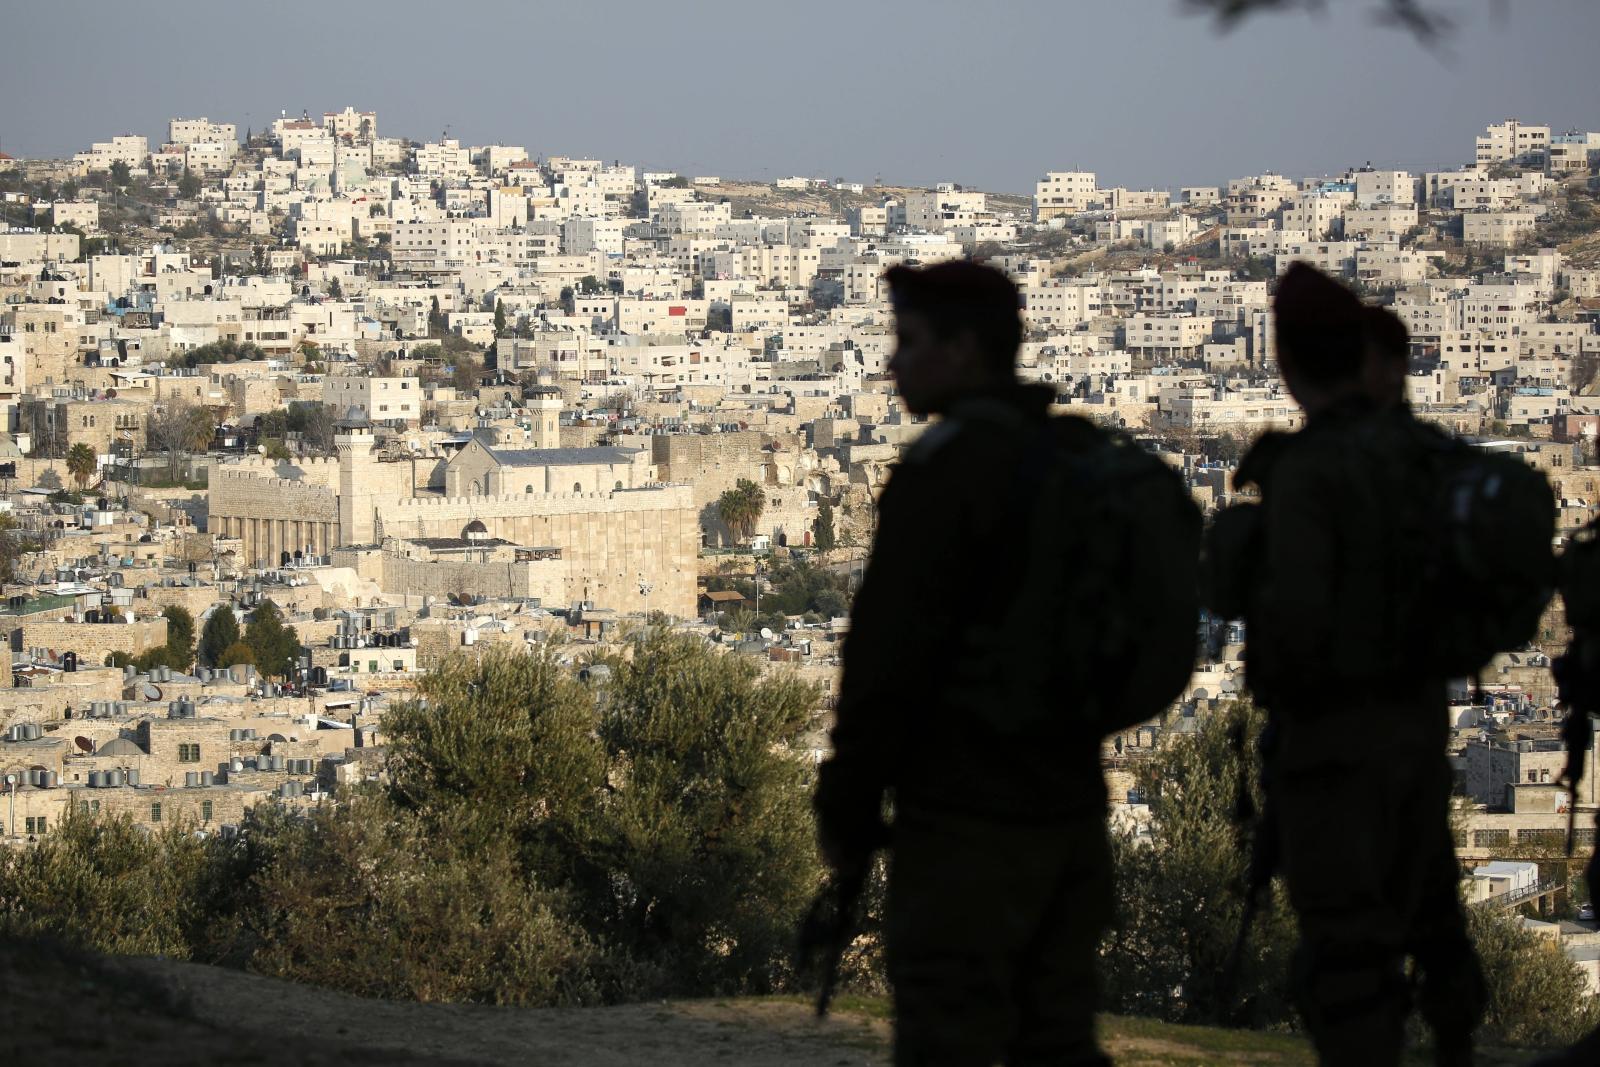 Izraelski patrol z Grobem Patriarchów w tle, Hebron, Palestyna.